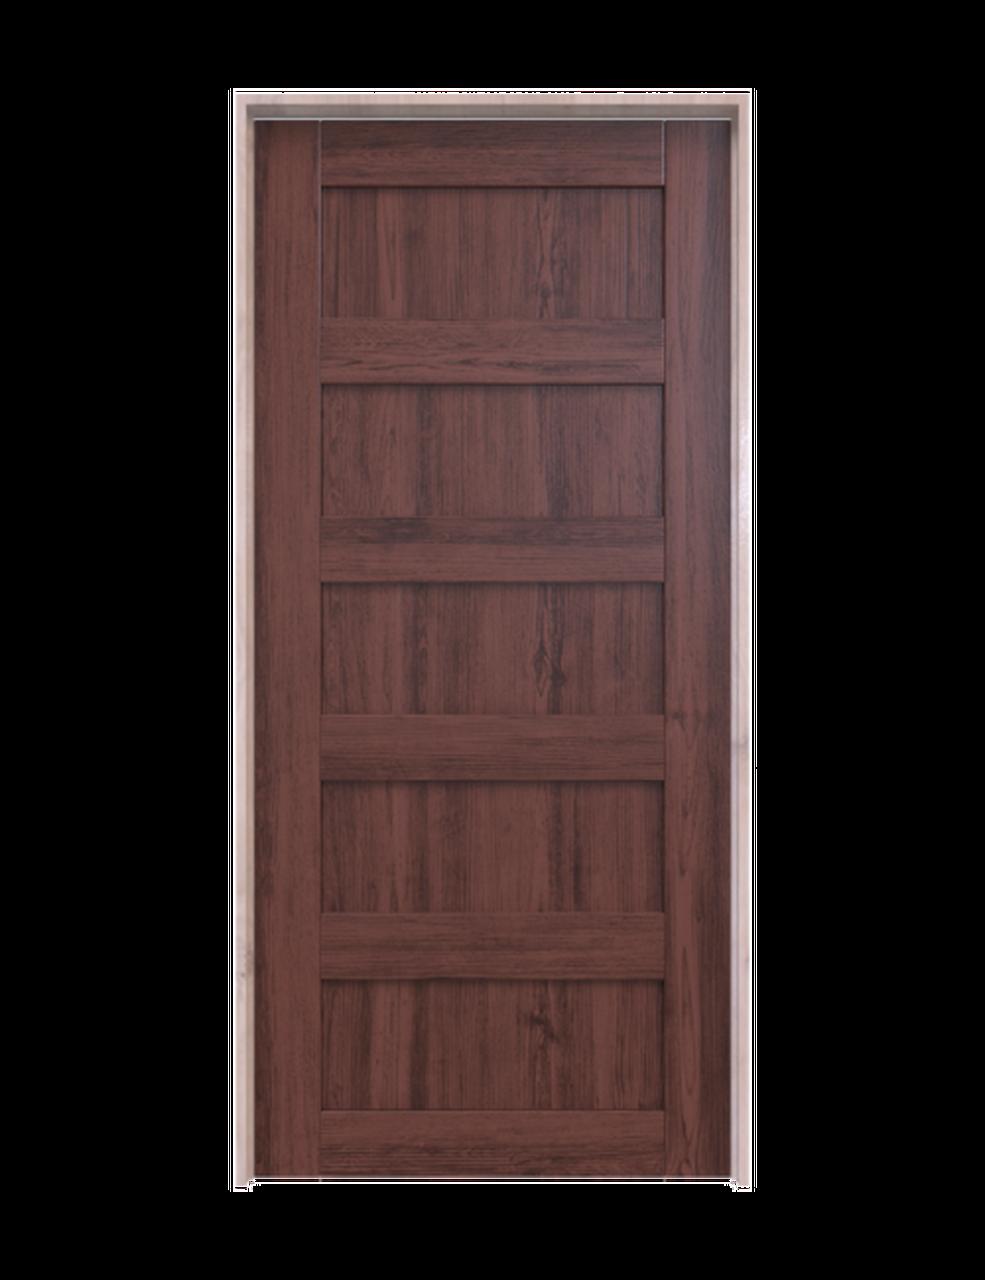 wood 5 panel interior barn door